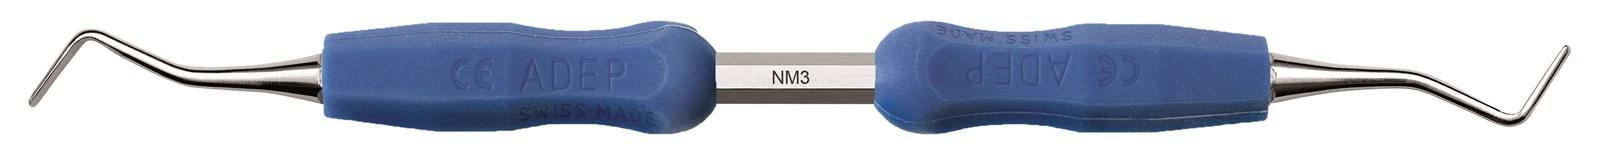 Lžičkové dlátko - NM3, ADEP světle zelený